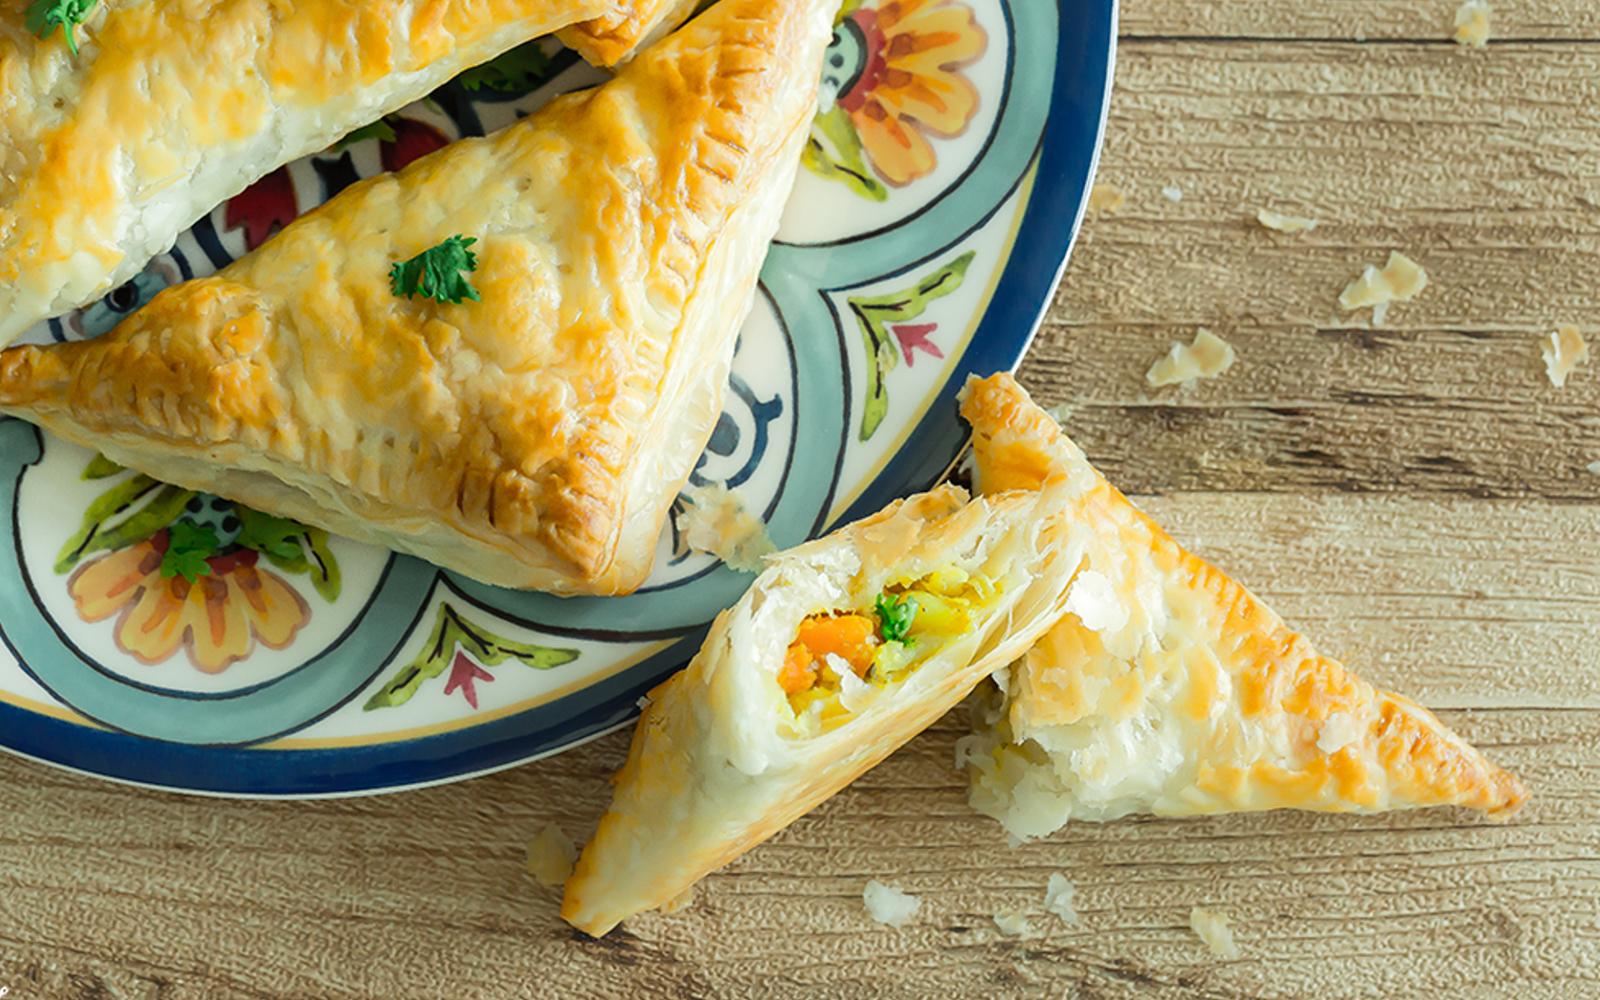 Oven-Baked Vegetable Samosas